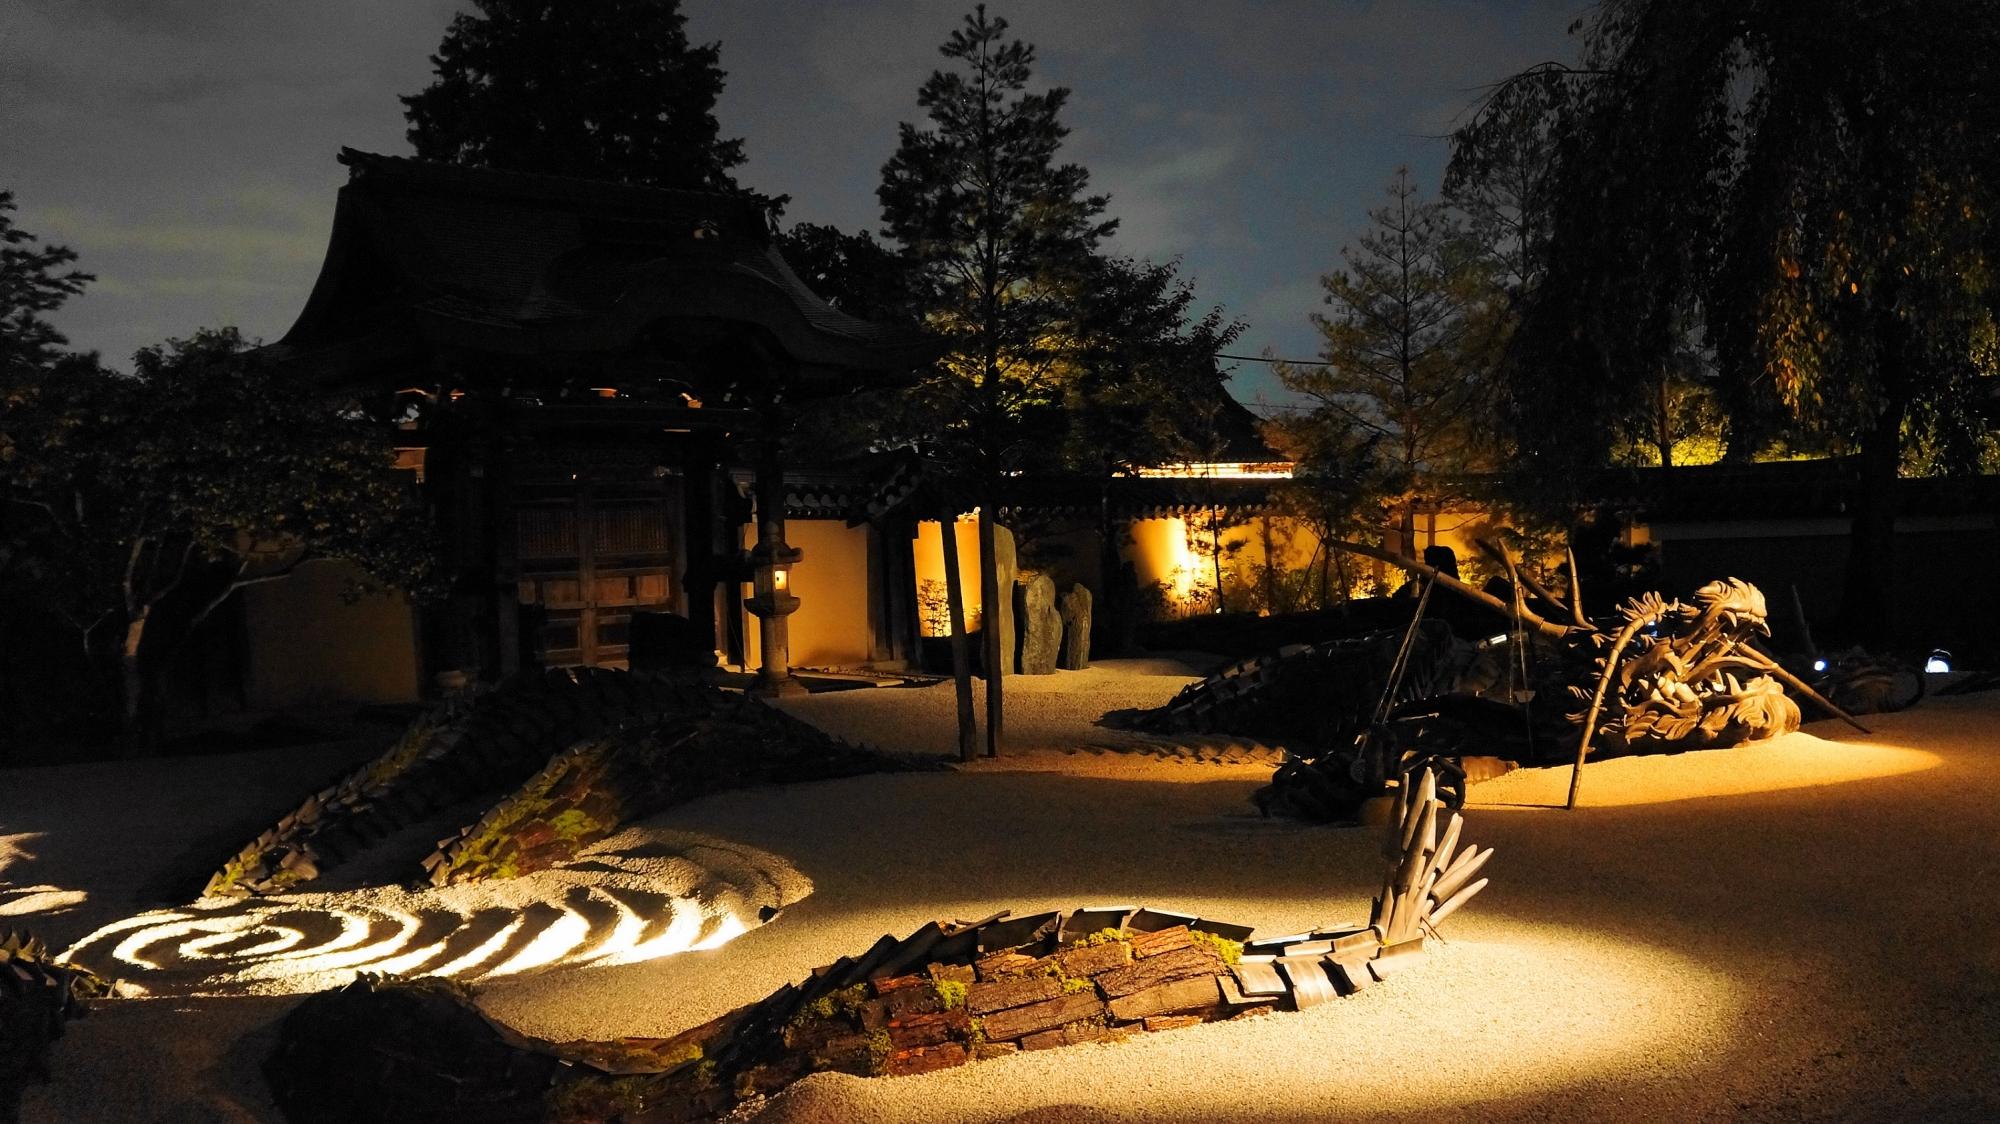 高台寺の龍の方丈庭園の鮮やかなライトアップ